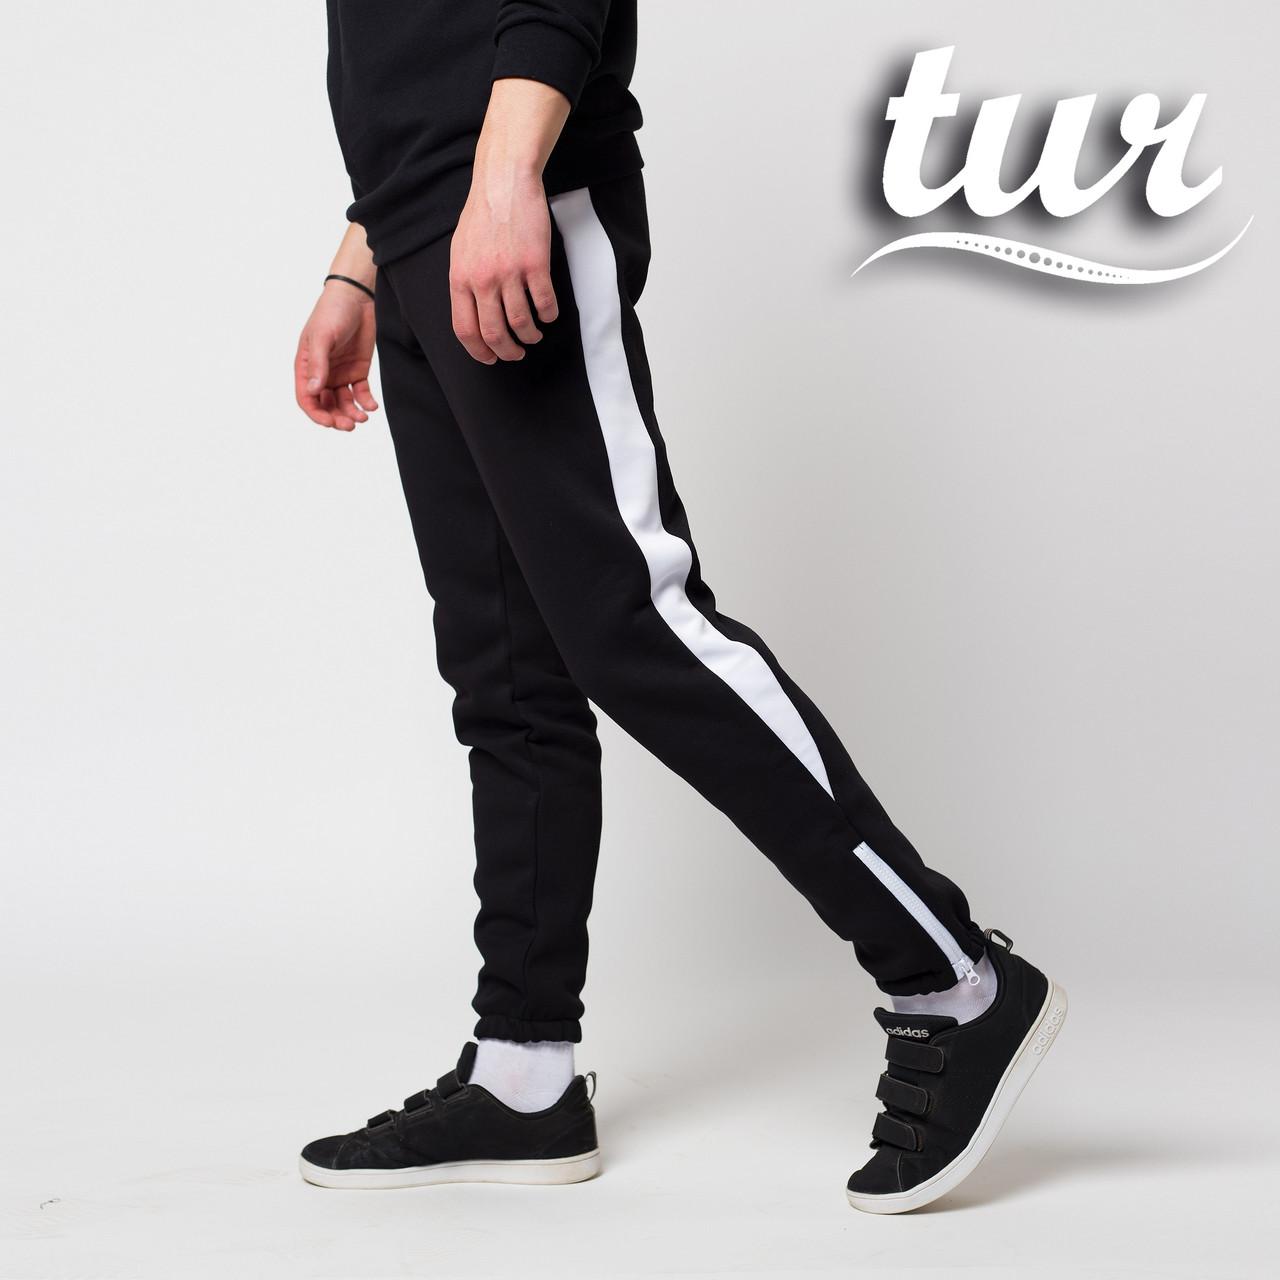 Теплые зимние спортивные штаны мужские чёрные с белым от бренда ТУР Рокки (Rocky) размер XS, S, M, L